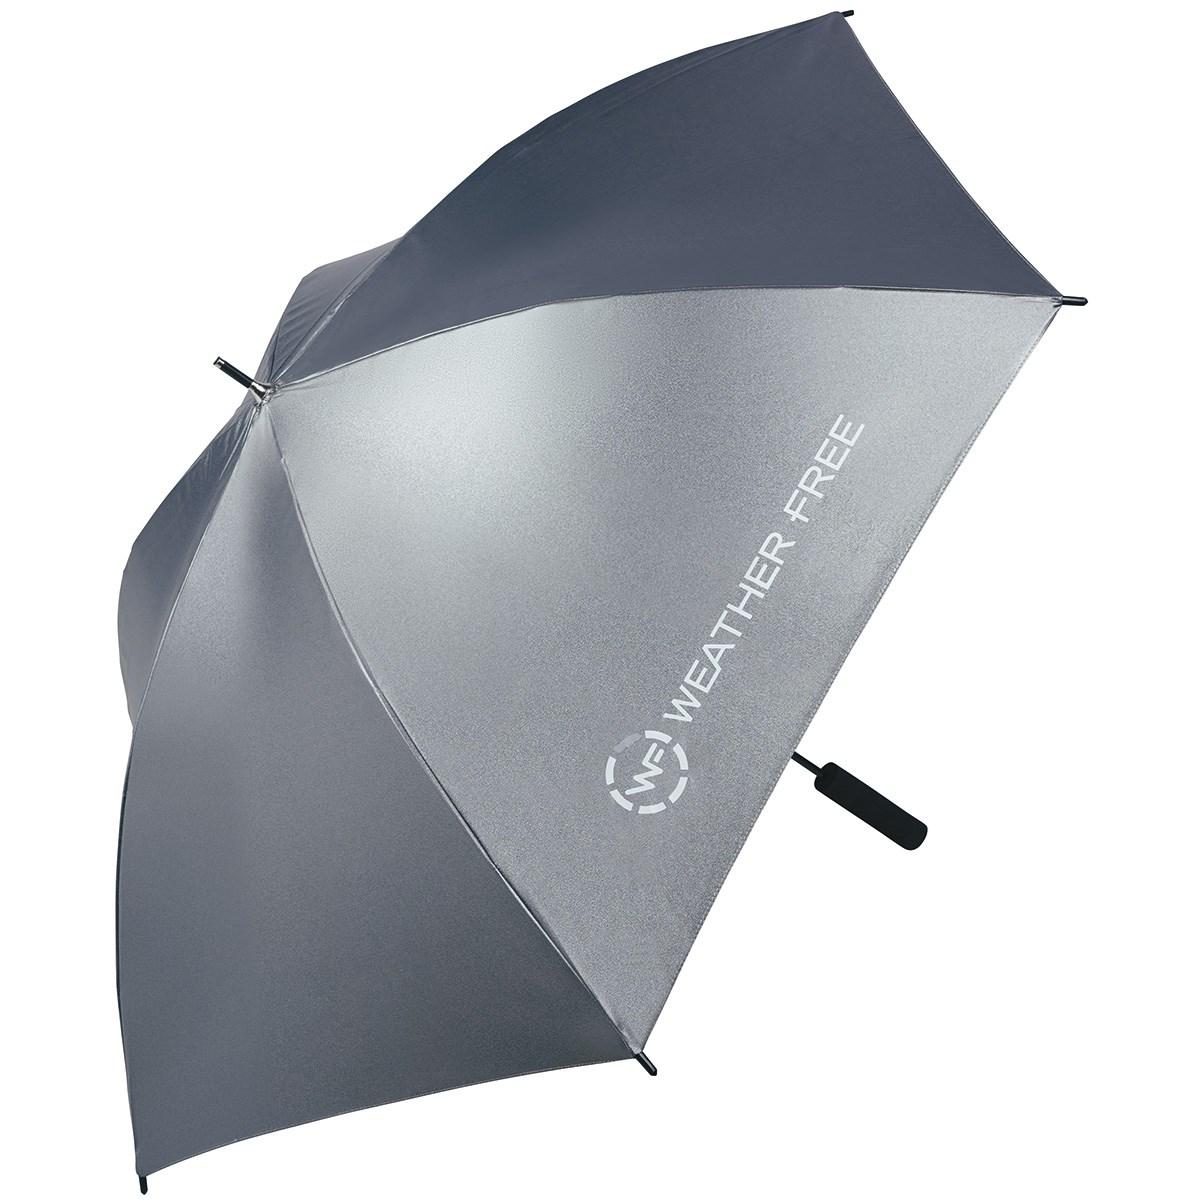 キャスコ KASCO 晴雨兼用軽量傘 シルバー